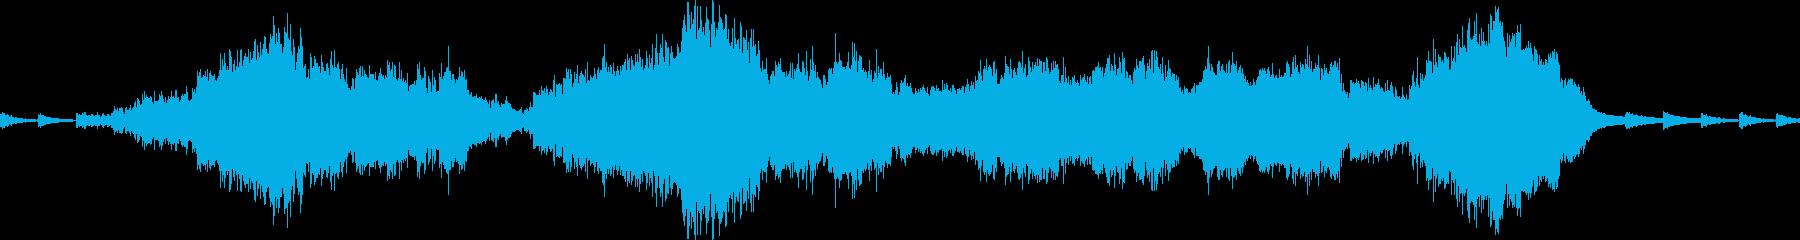 ダーク、ミステリアス、サントラの再生済みの波形